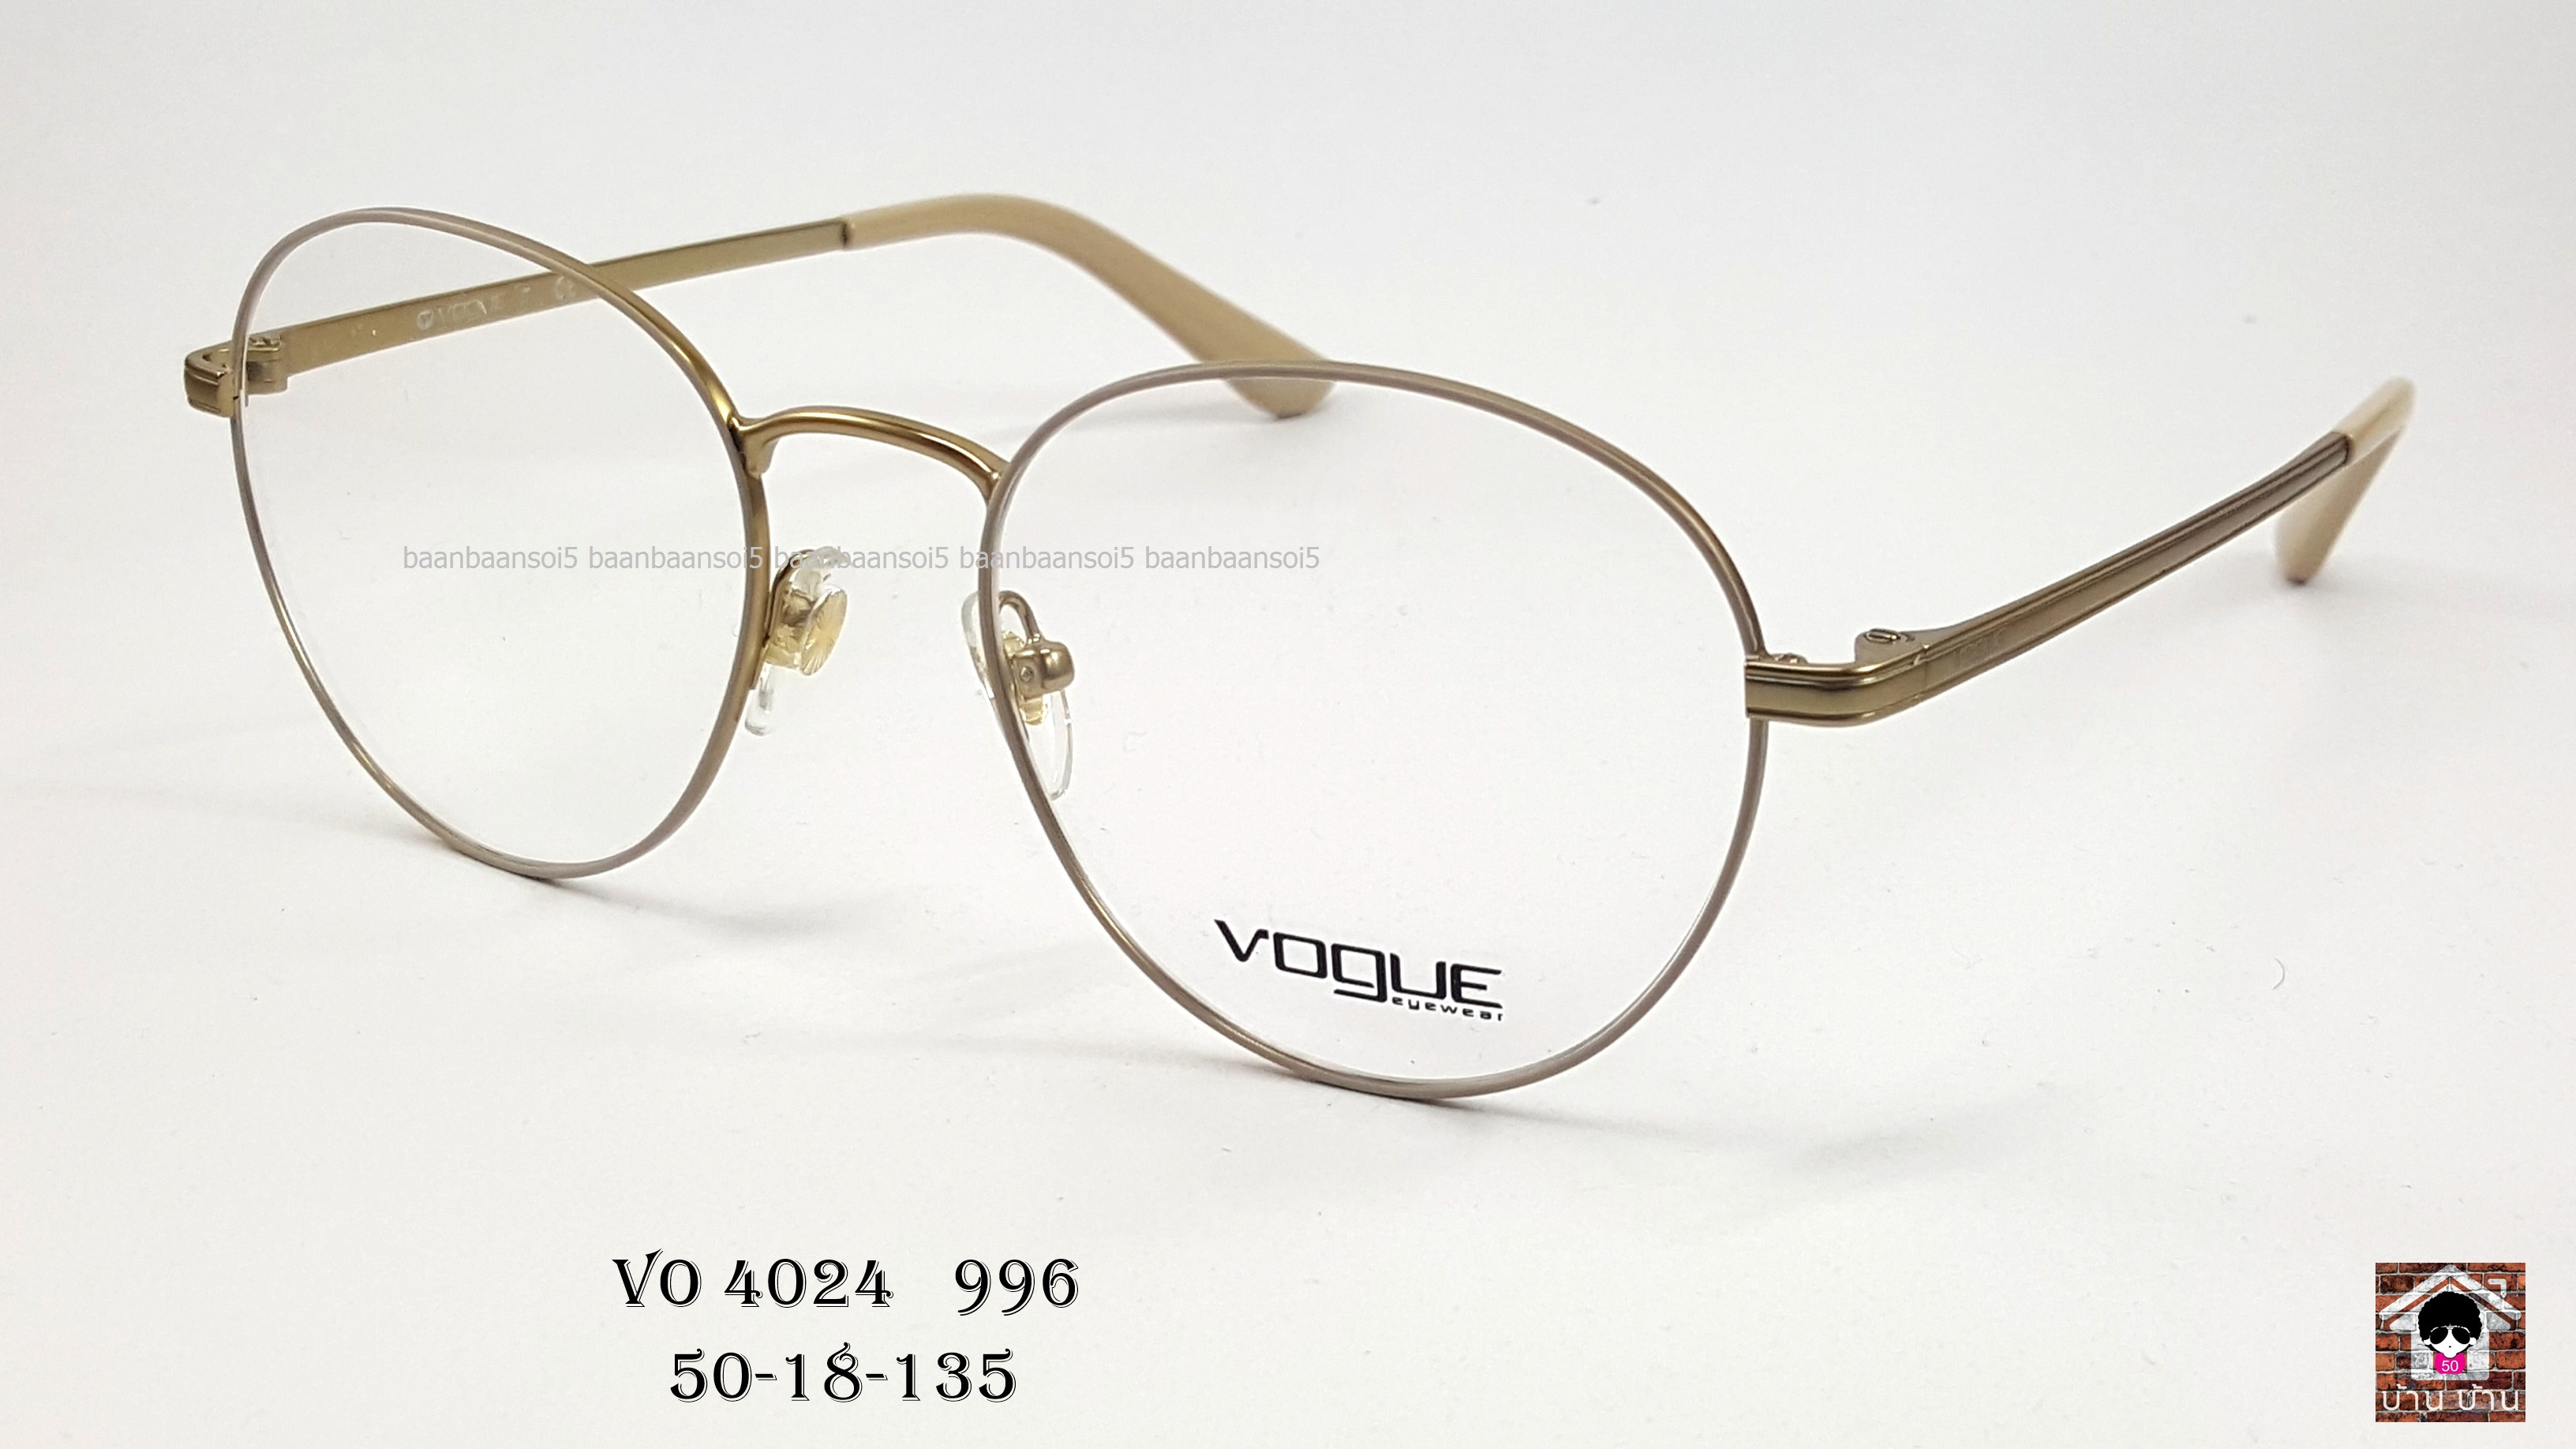 Vogue vo 4024D 996 โปรโมชั่น กรอบแว่นตาพร้อมเลนส์ HOYA ราคา 2,900 บาท